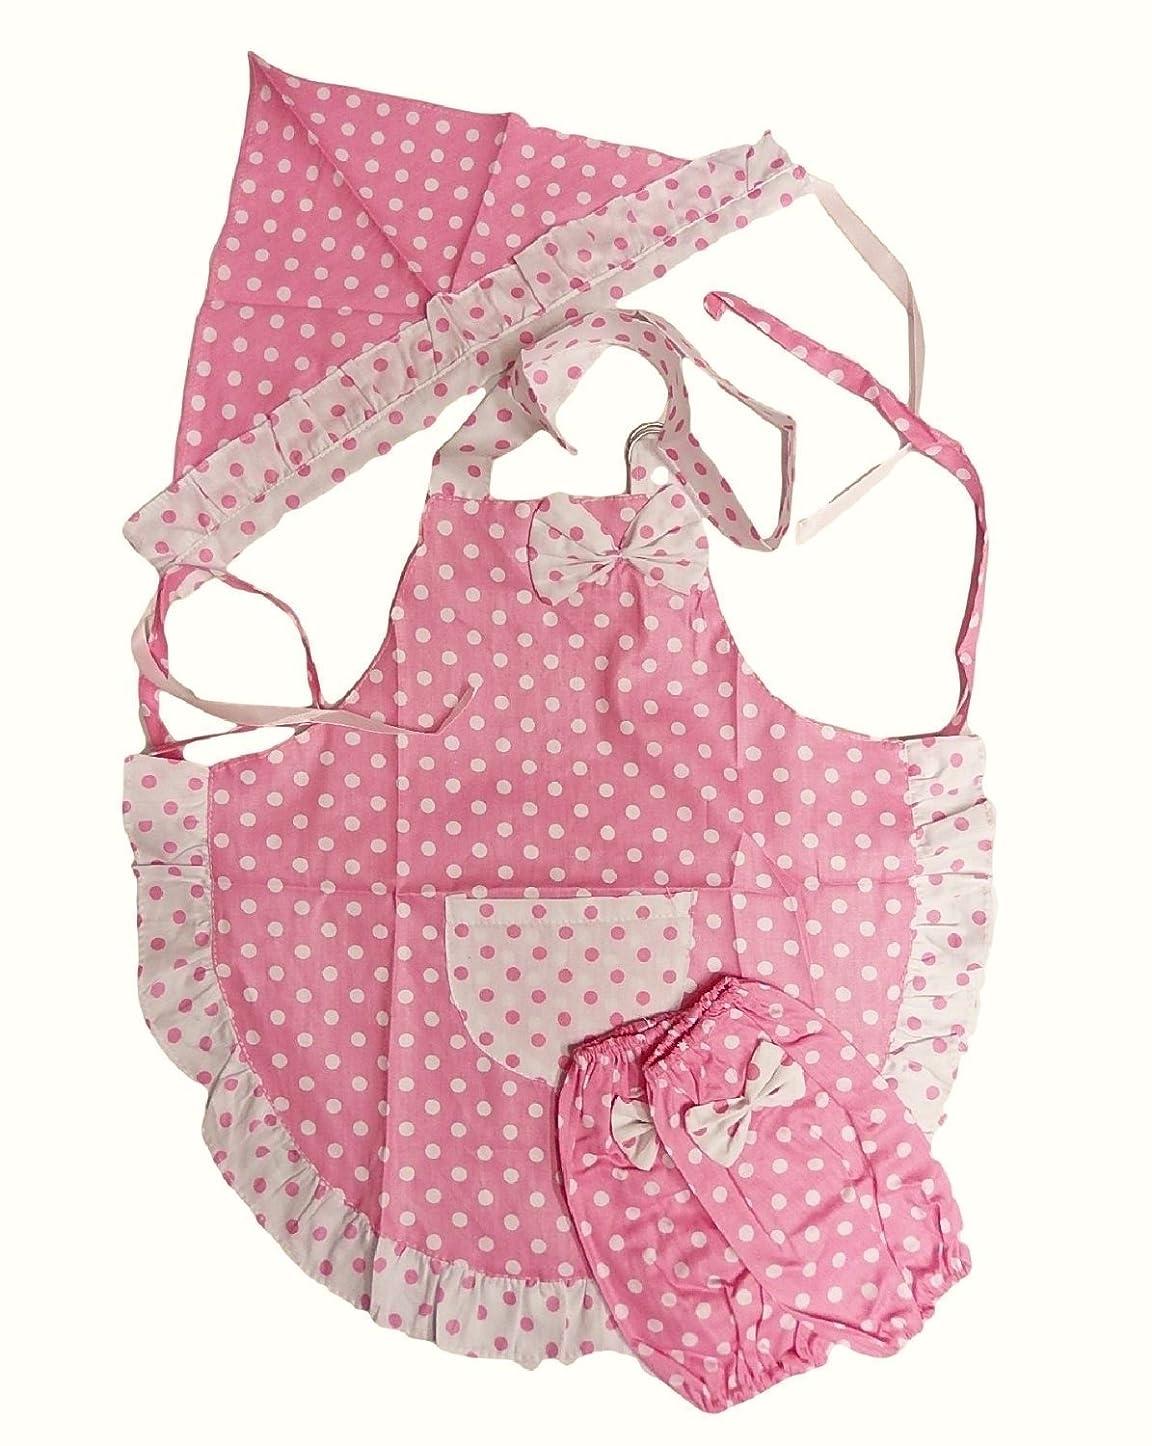 分注するすり減るサイレンShanTrip 女の子 エプロン セット エプロン & アームカバー & 三角巾 (ピンク)